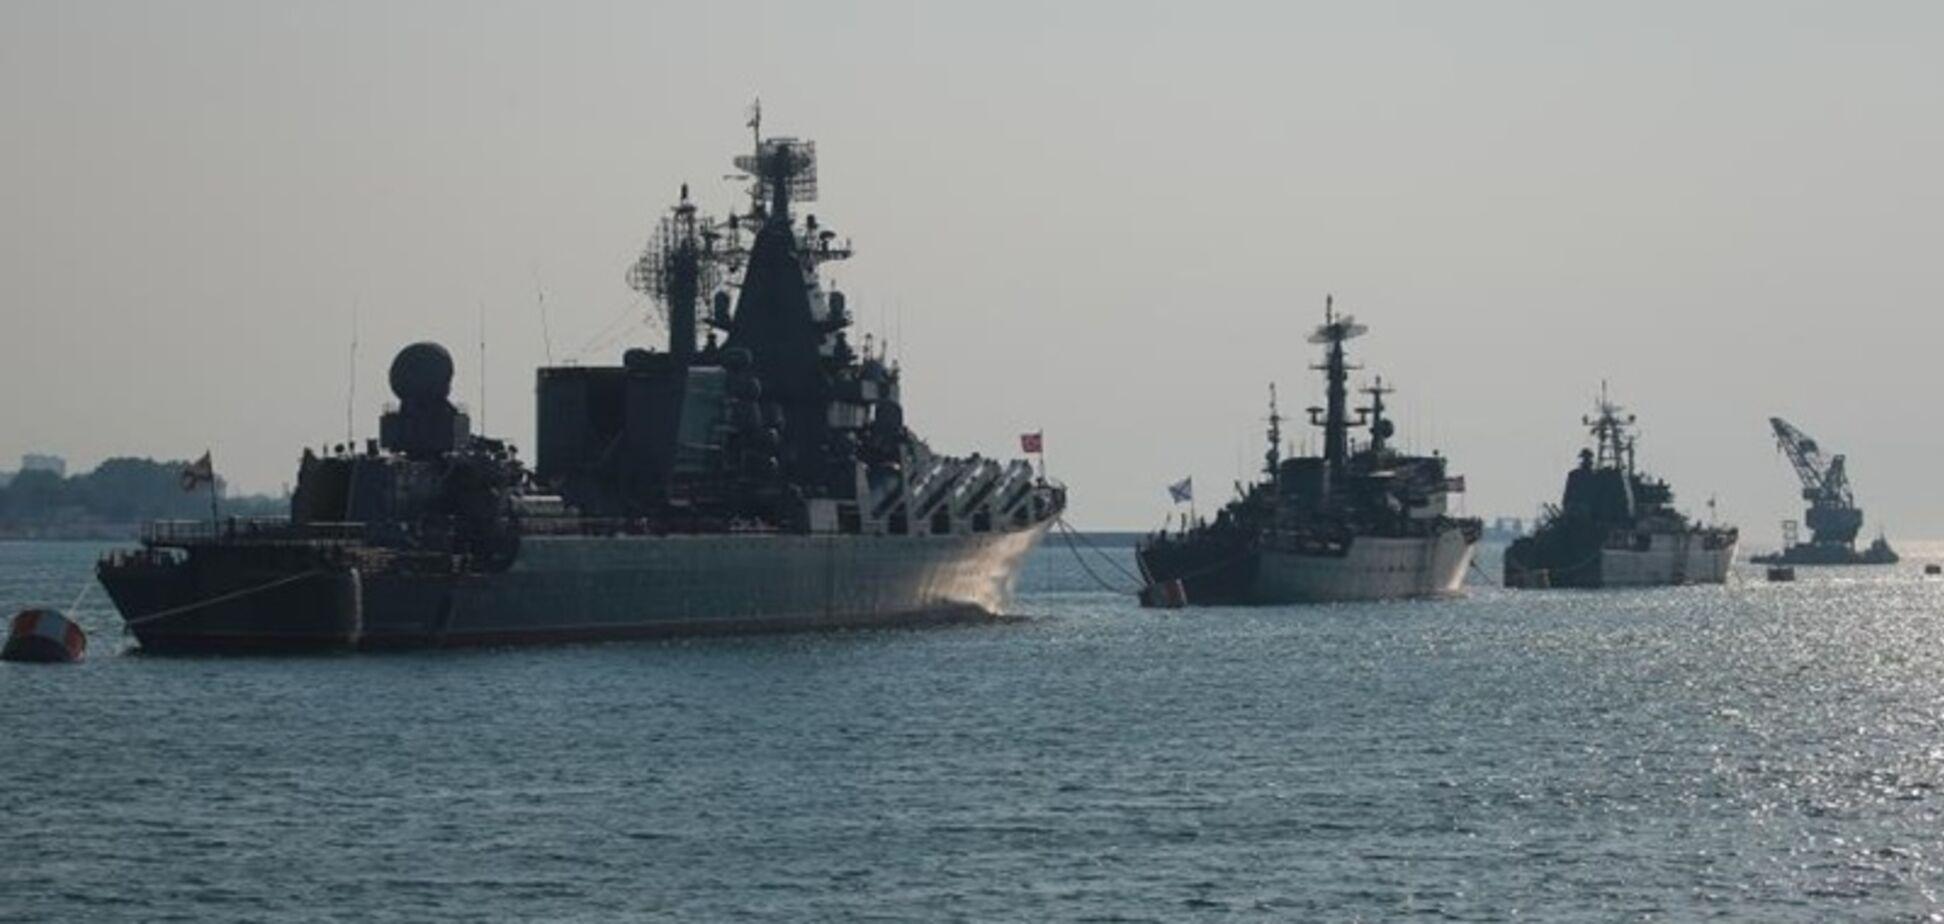 Россия идет на войну в Азовском море: эксперт дал неутешительный прогноз